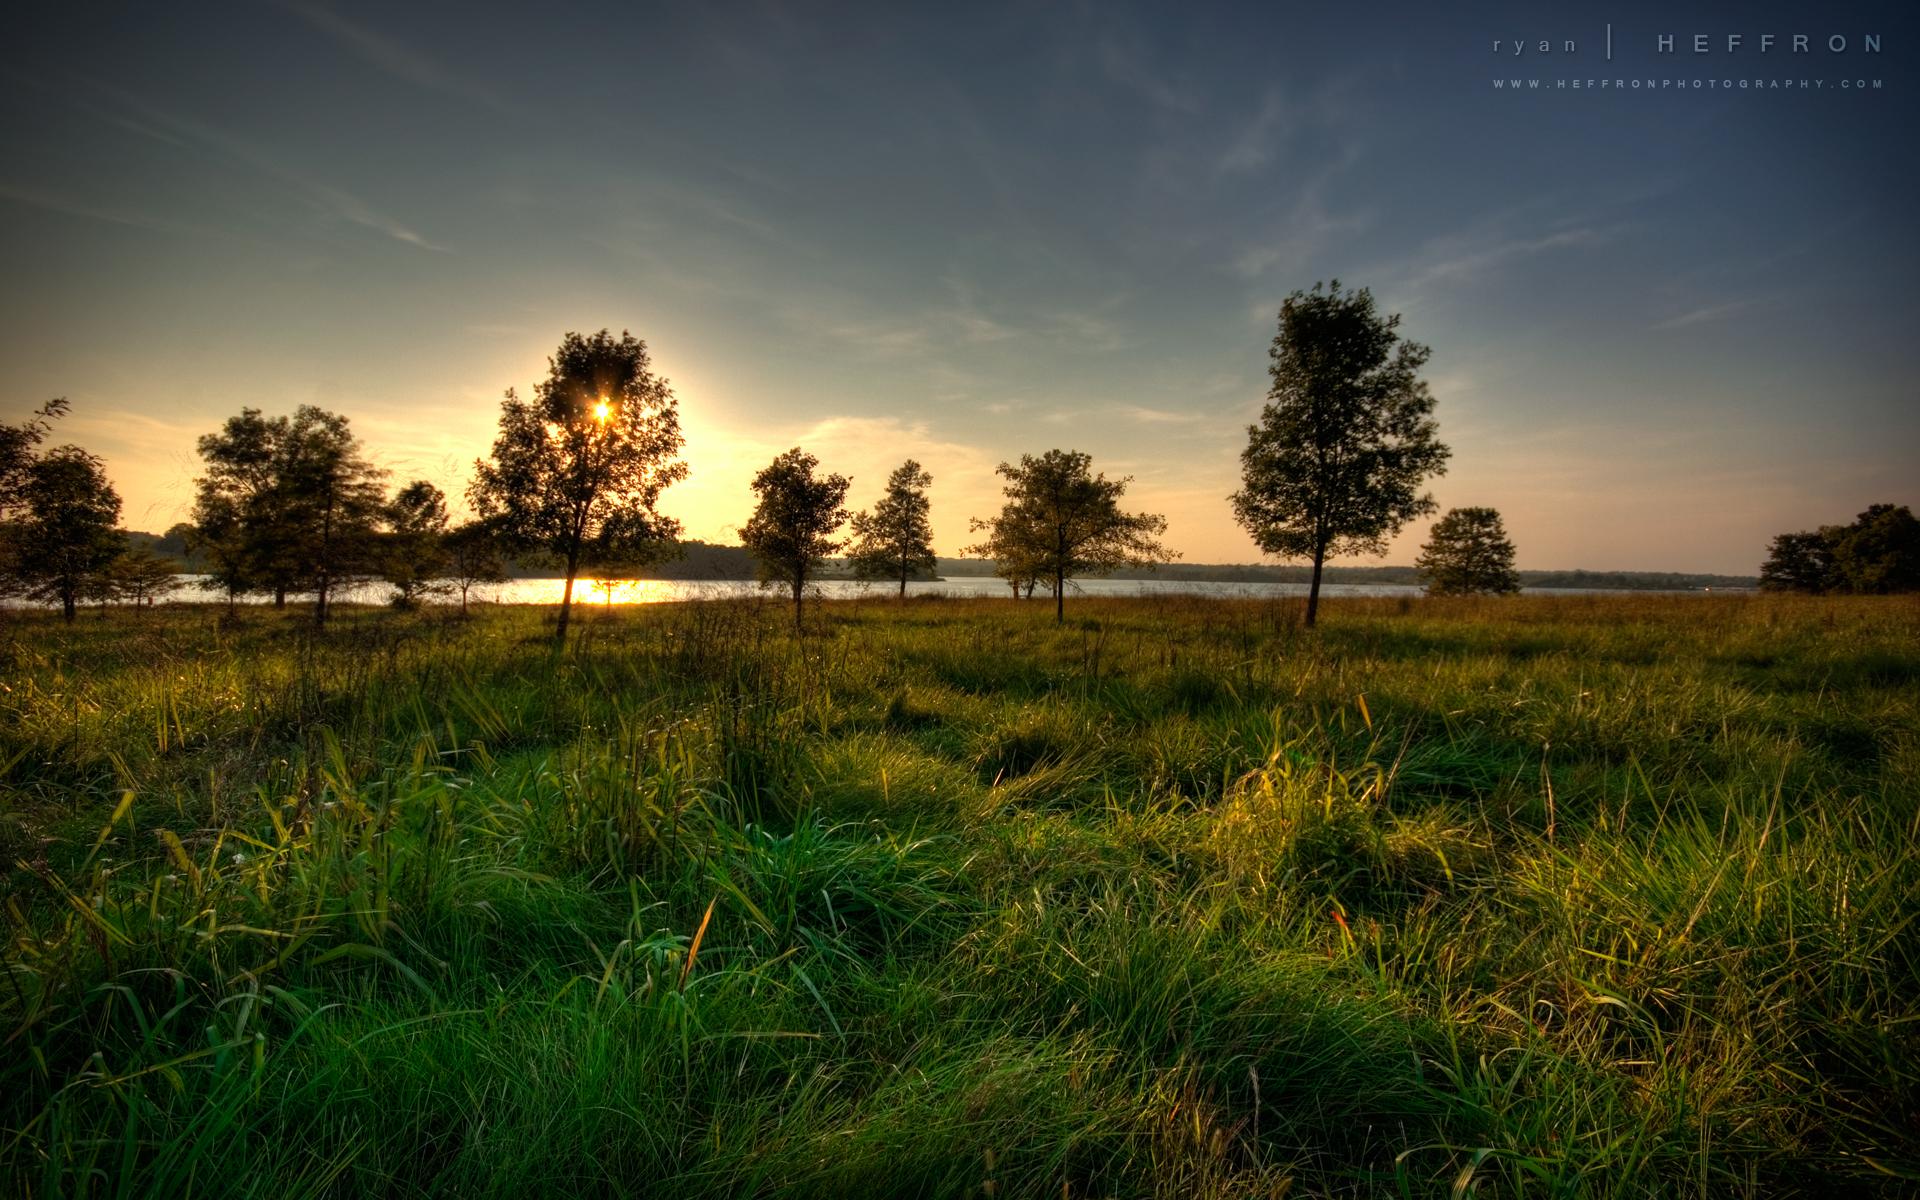 закат,деревья,зелень  № 1076606 бесплатно